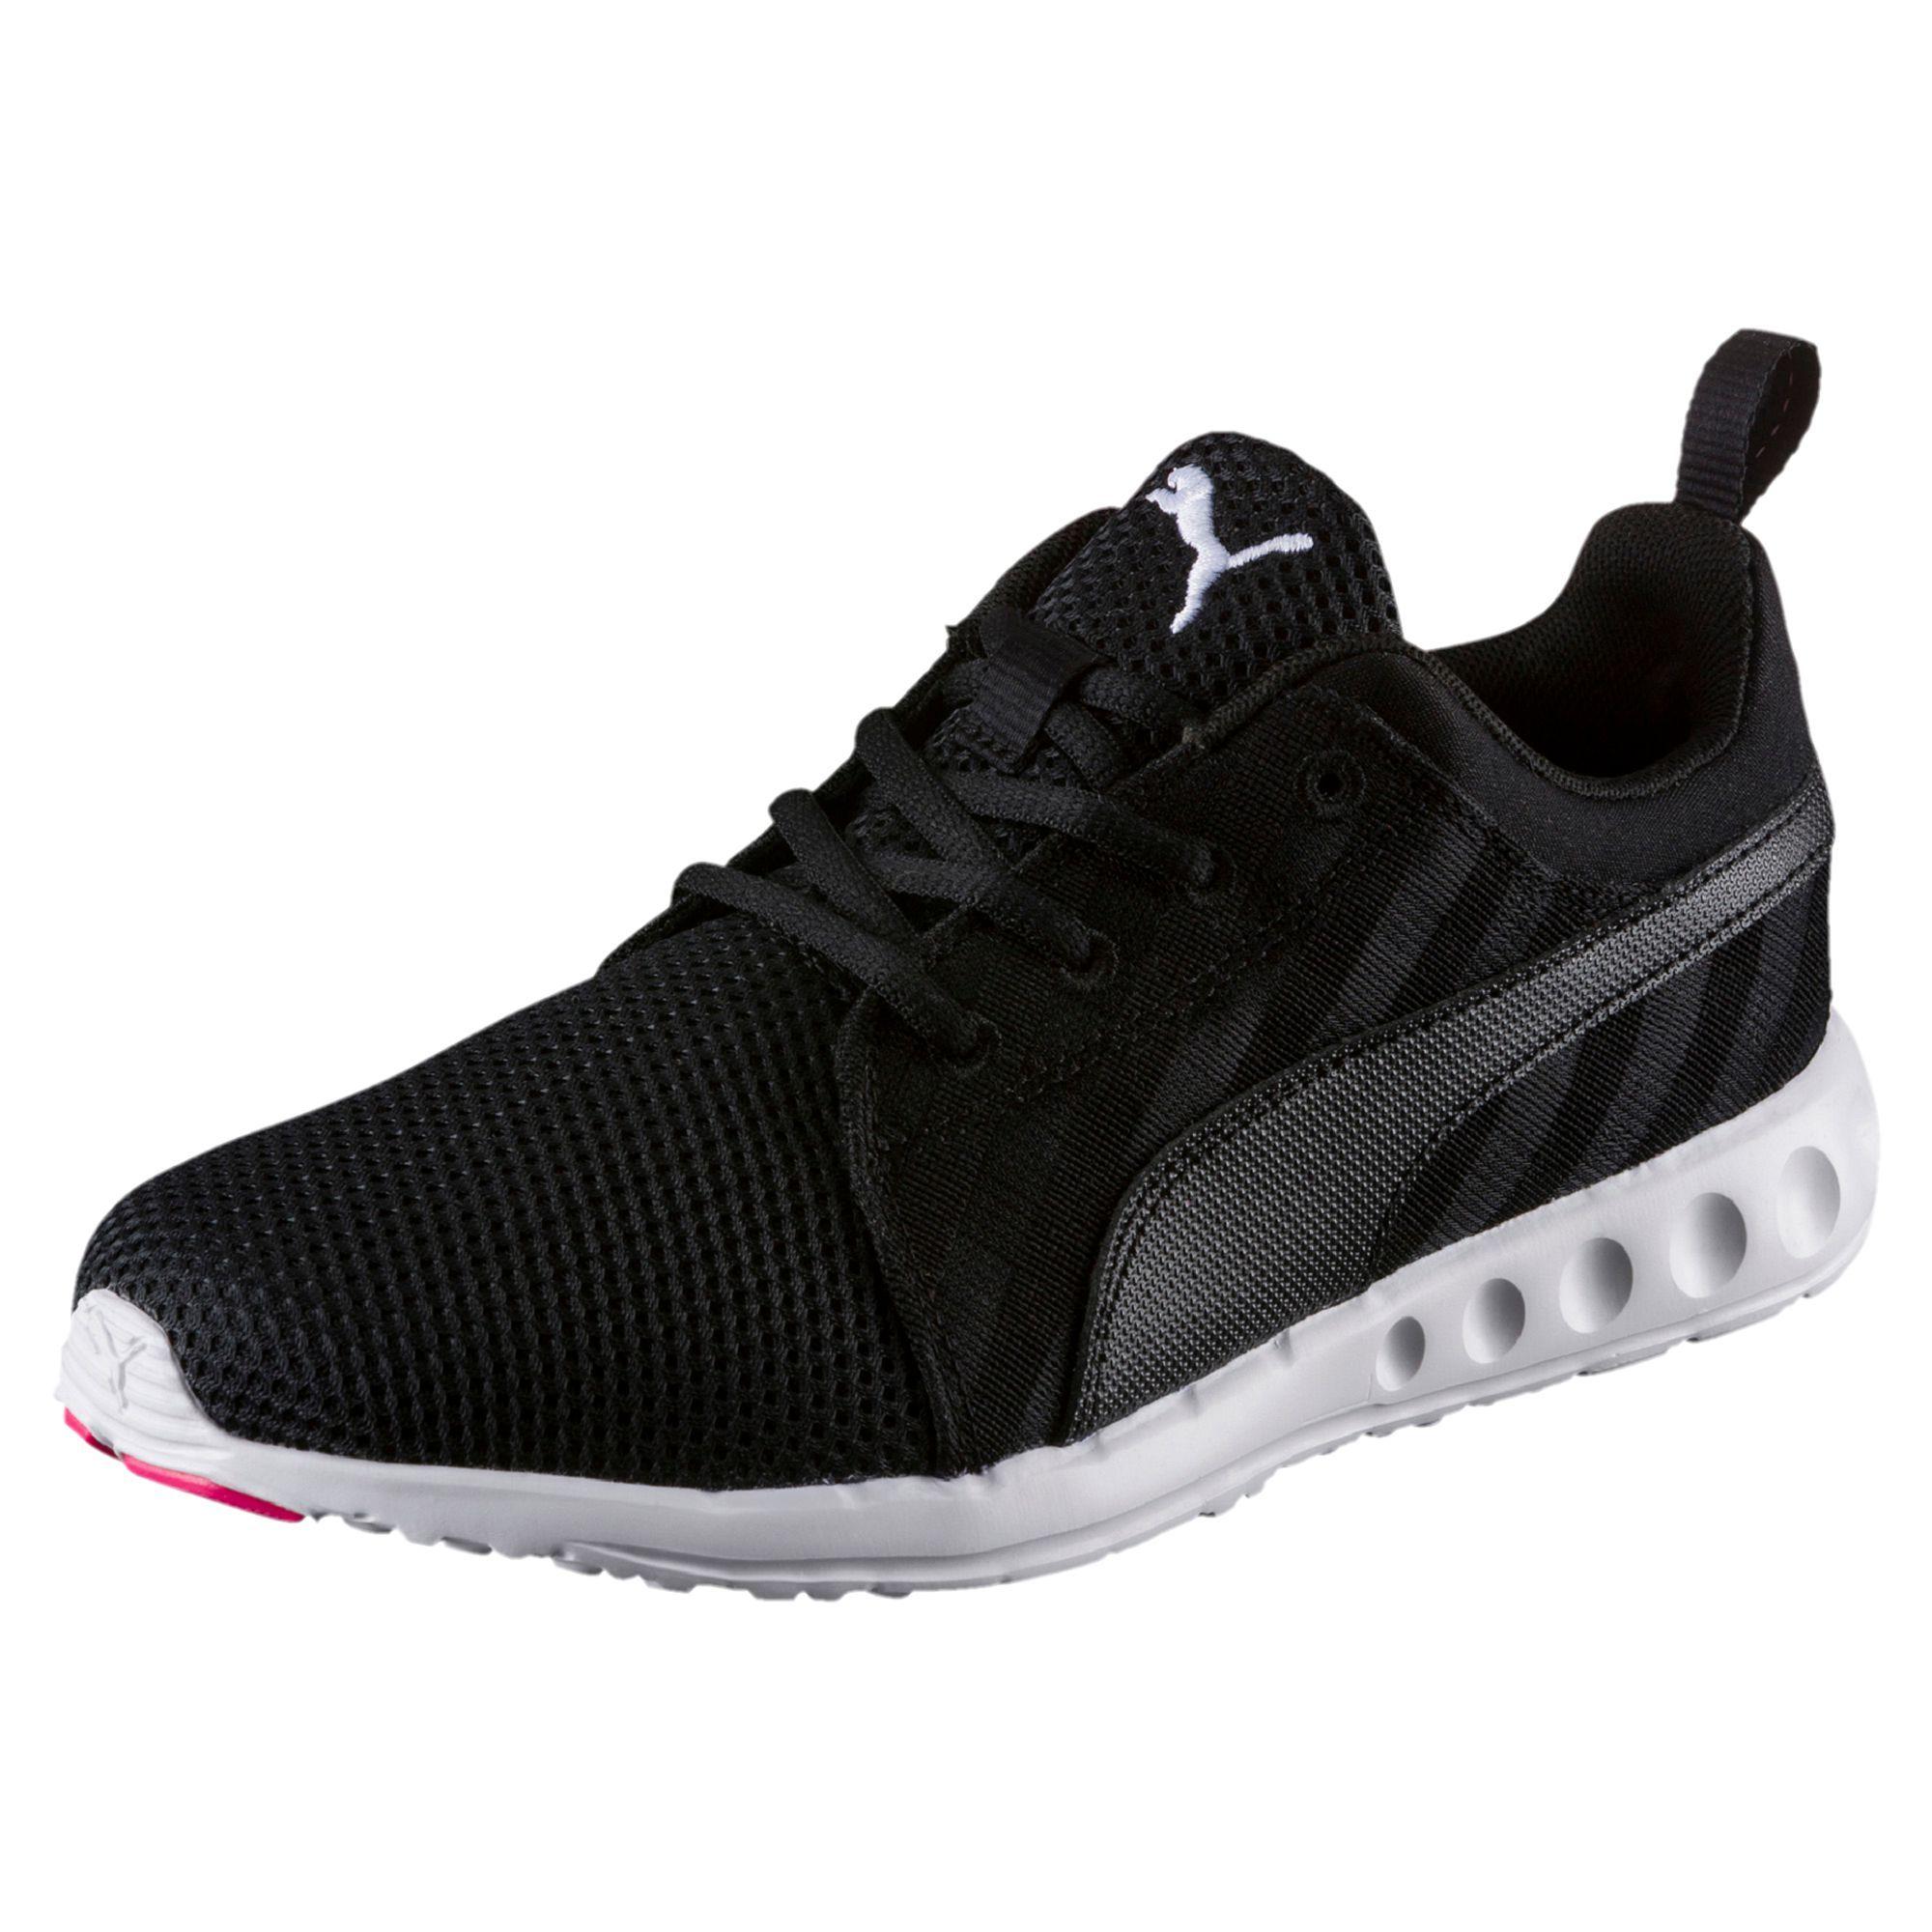 Puma Femmes Chaussures de sport Chaussures De Course Baskets trainers Carson Cross Hatch-afficher le titre d'origine